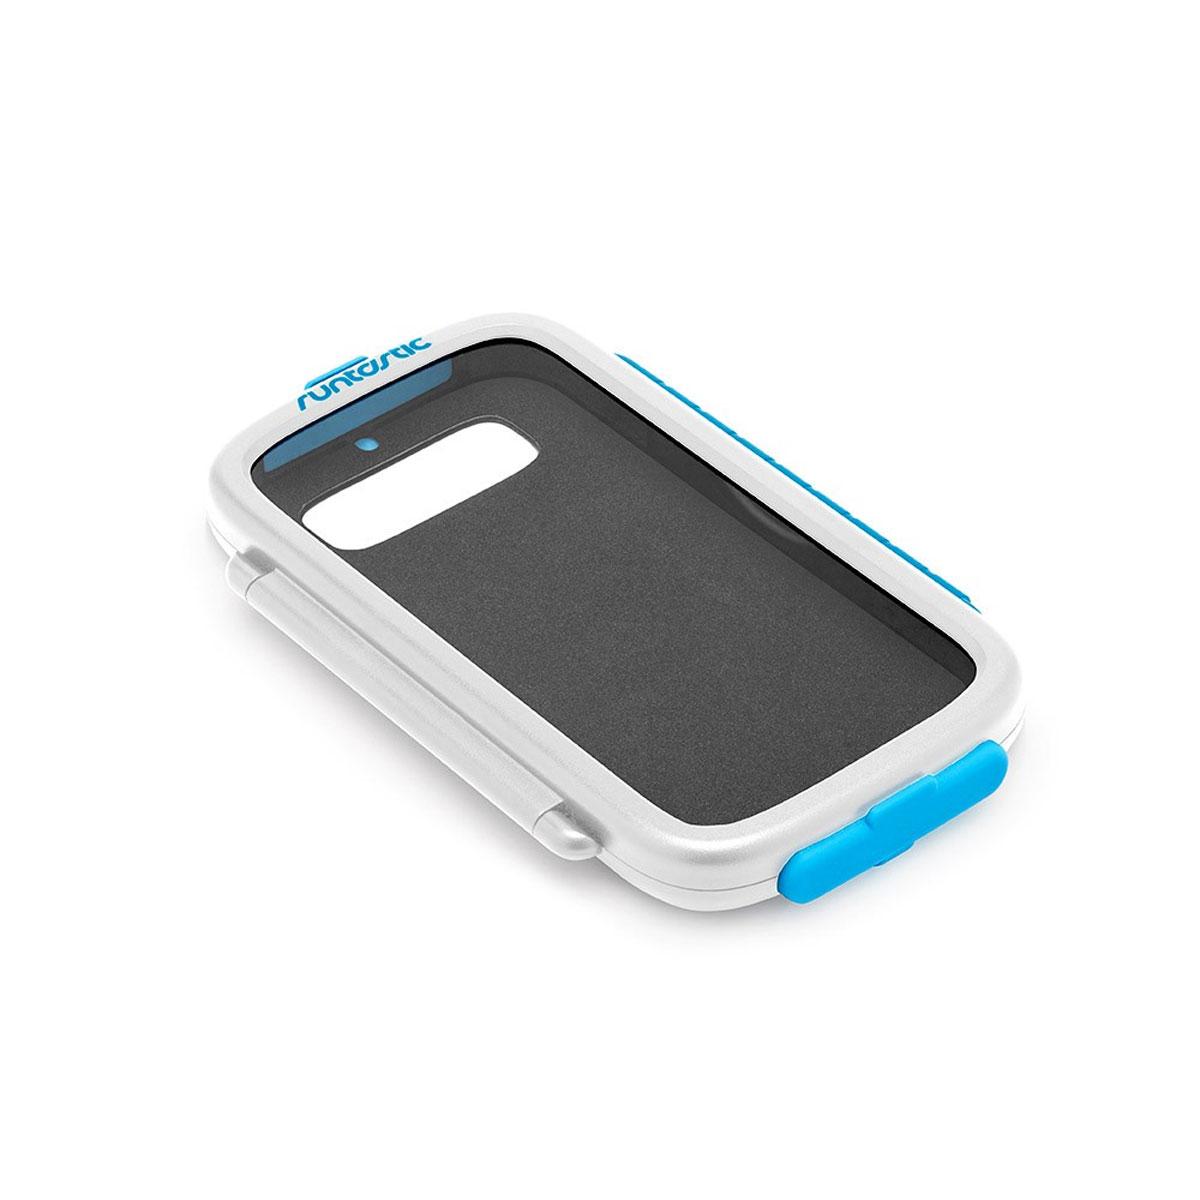 Крепление велосипедное Runtastic для смартфонов, цвет: белыйZ90 blackУниверсальное велосипедное крепление для смартфонов.Особенности крепления:Ударо- и пылезащитный корпус. Возможность работать с сенсорным экраном, использовать обе камеры и наушники. Устанавливается без использования инструментов на руль или вынос велосипеда. Смартфон можно установить горизонтально или вертикально на креплении. Мягкие вставки позволят разместить в чехле почти любой смартфон. Максимальный размер смартфона - 13.6 x 7 x 1.2 см.